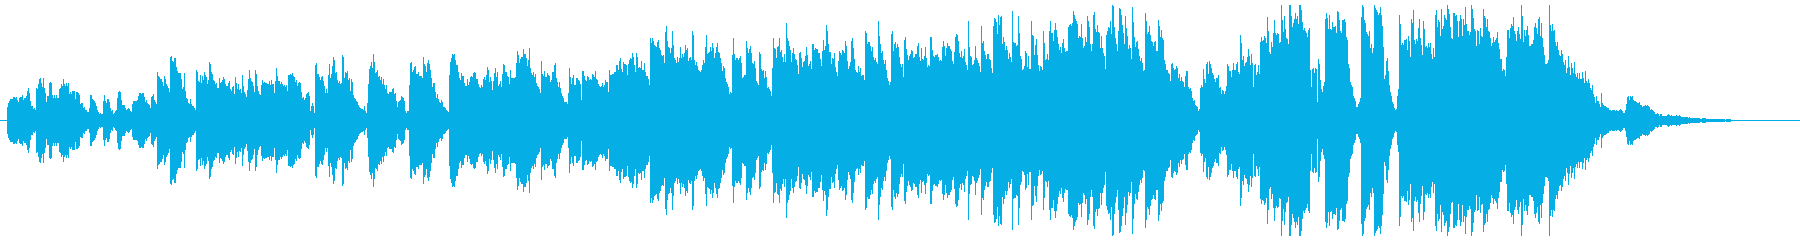 ホルスト「木星」鍵ハモとピアノの二重奏の再生済みの波形